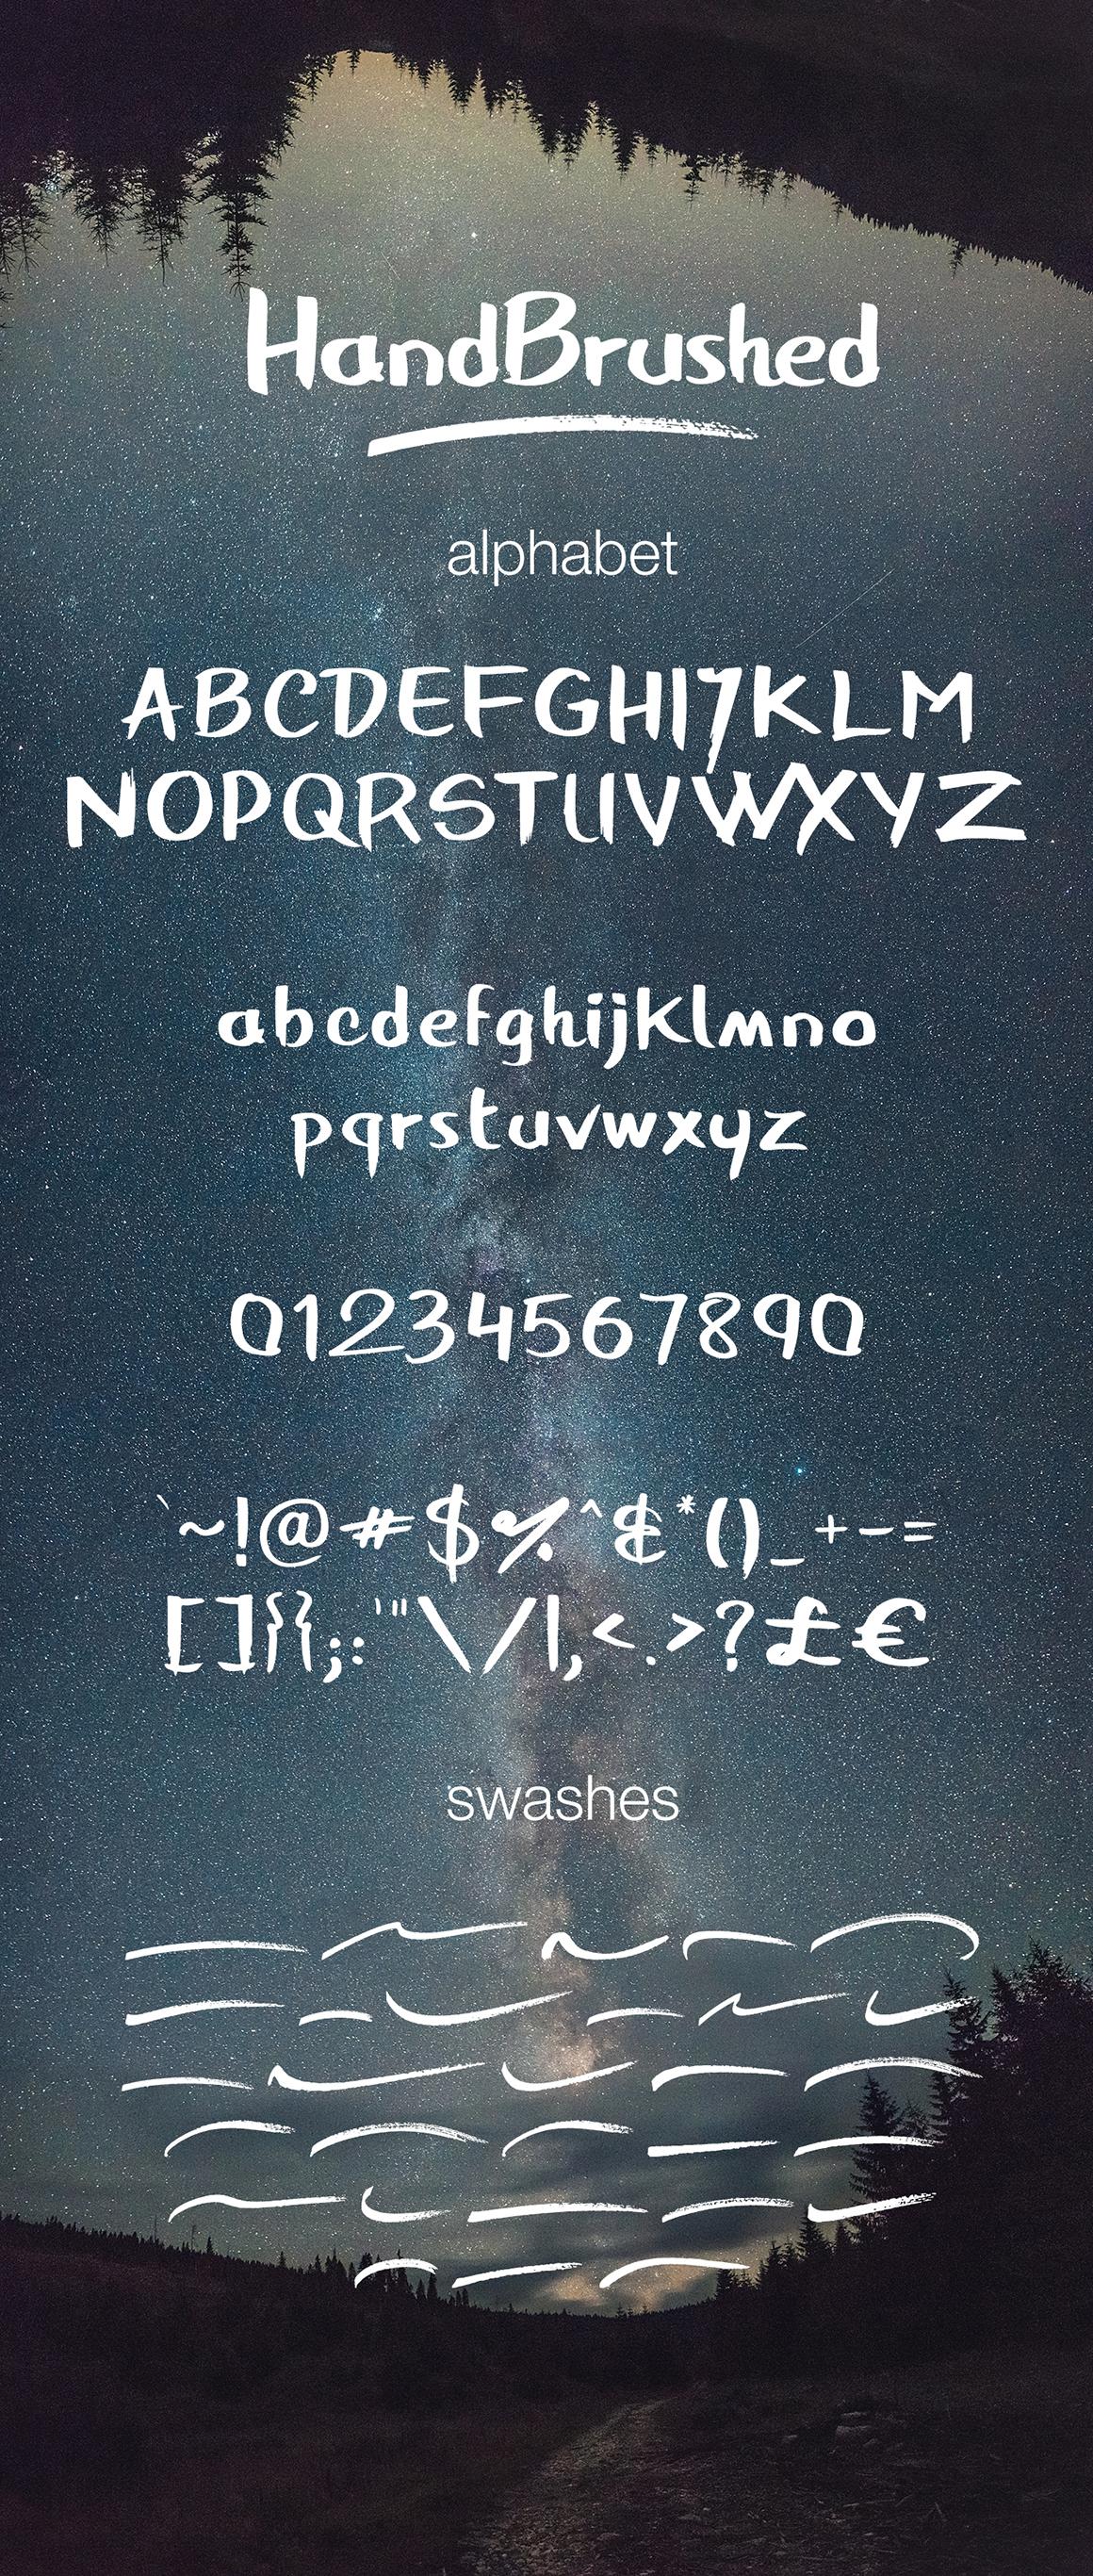 HandBrushed Font example image 2